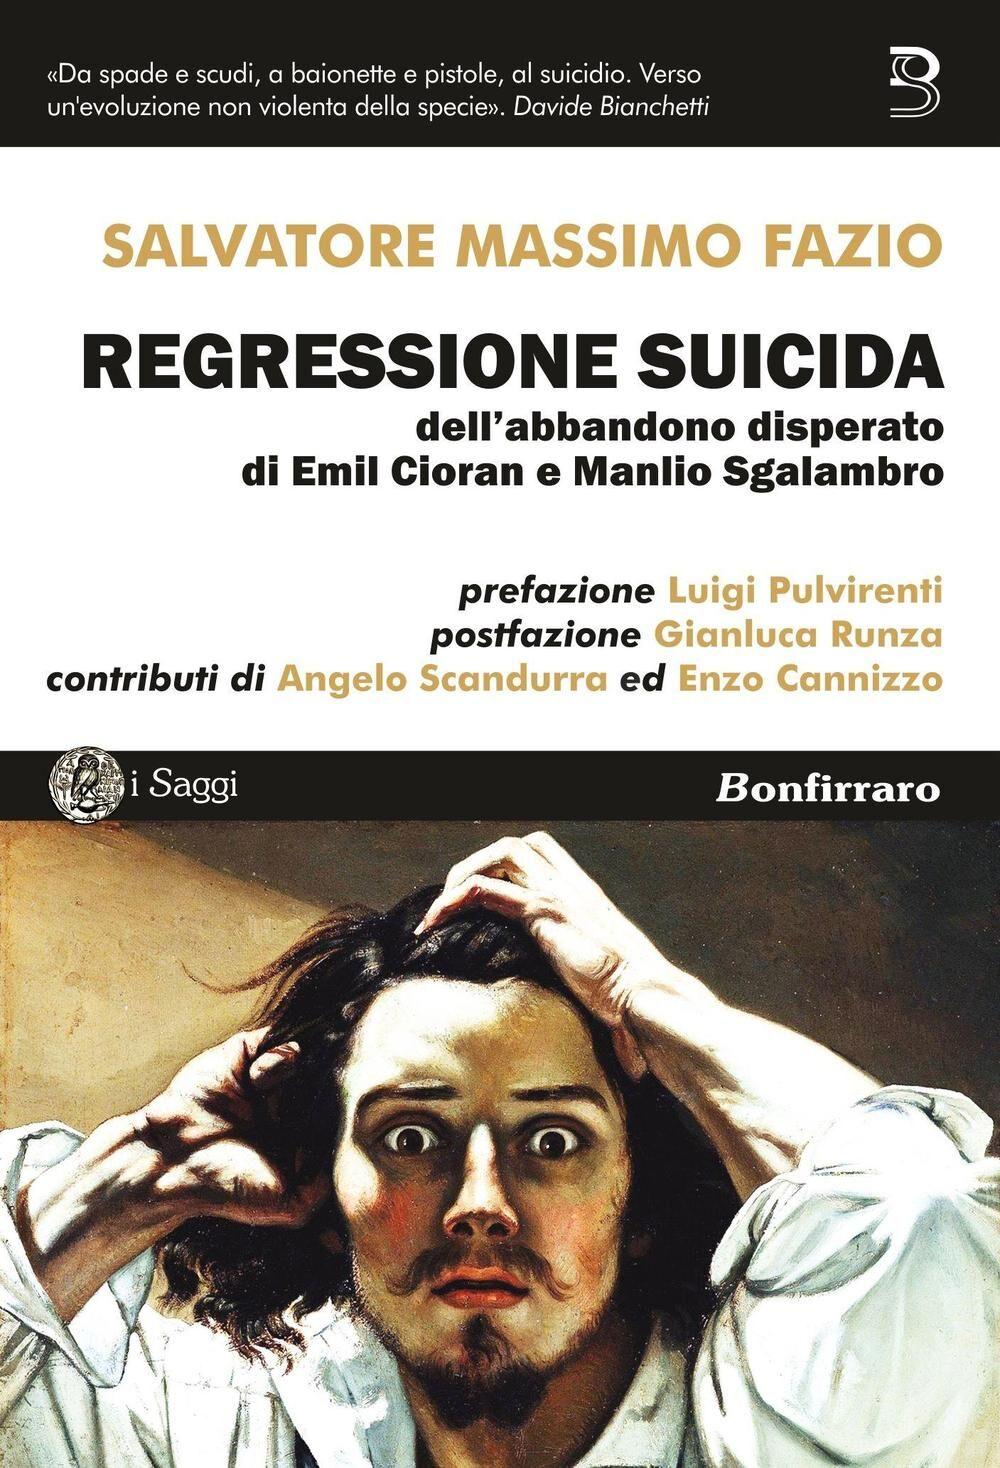 Regressione suicida dell'abbandono disperato di Emil Cioran e Manlio Sgalambro